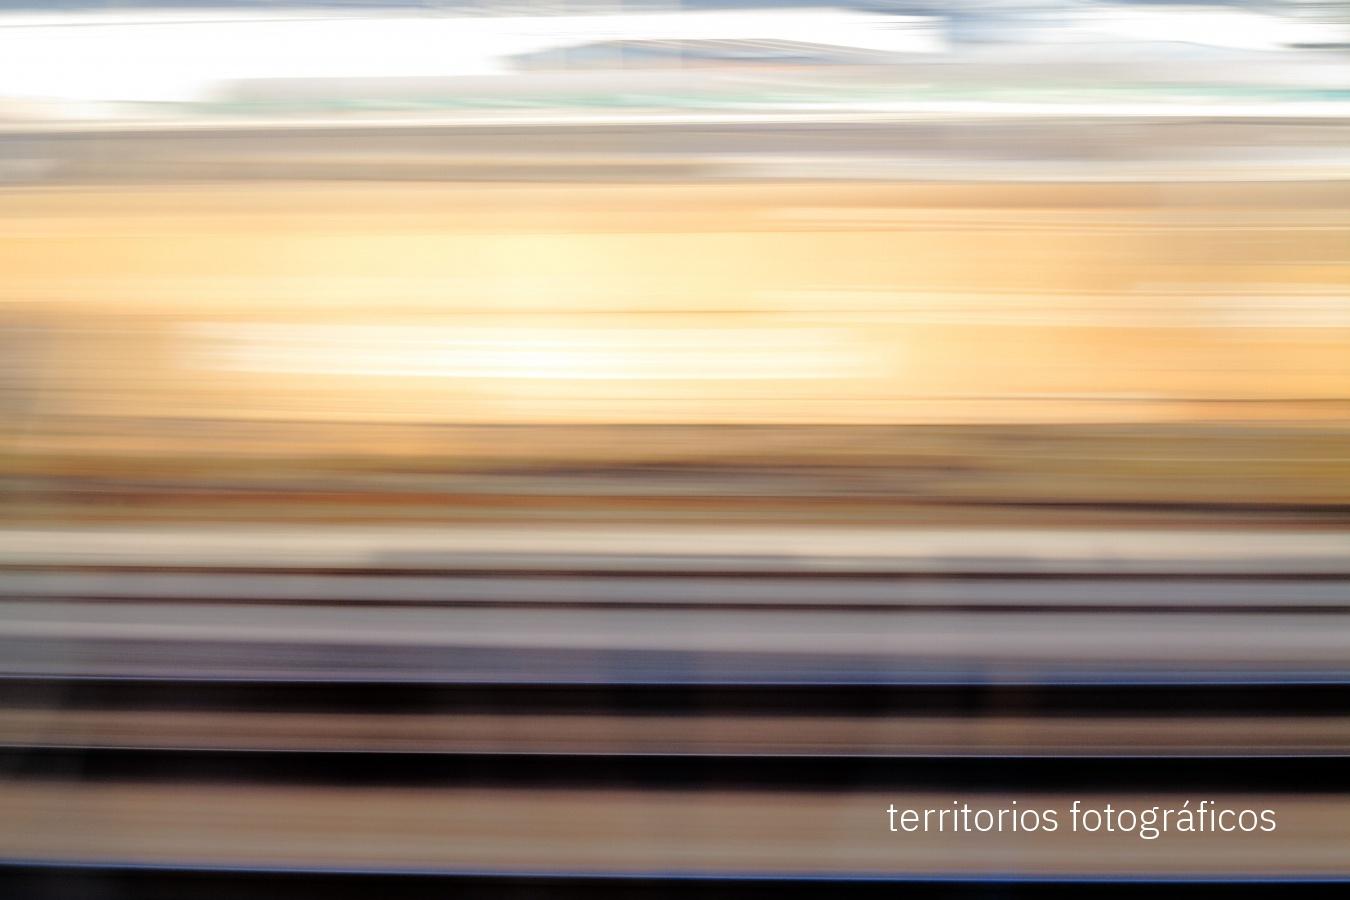 personal visions - territorios fotográficos